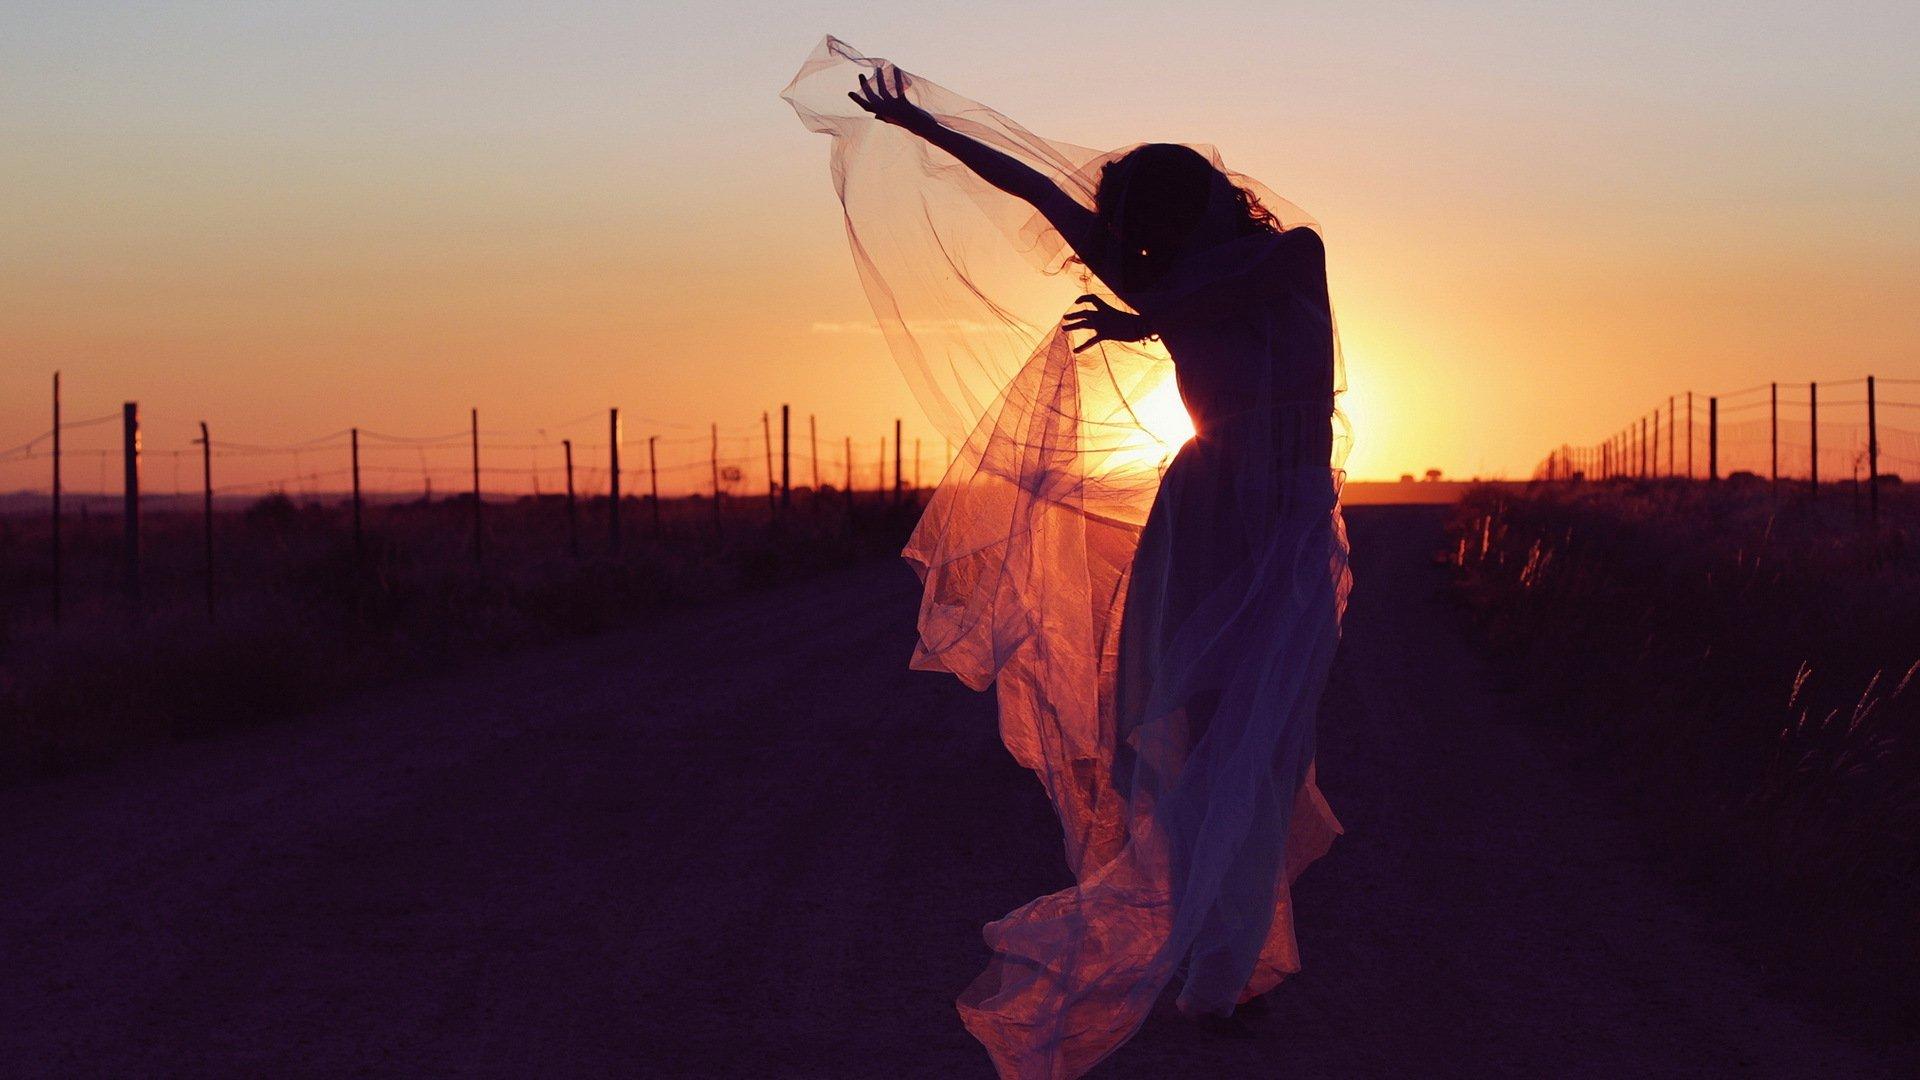 девушка на прогулке на закате в хорошем качестве